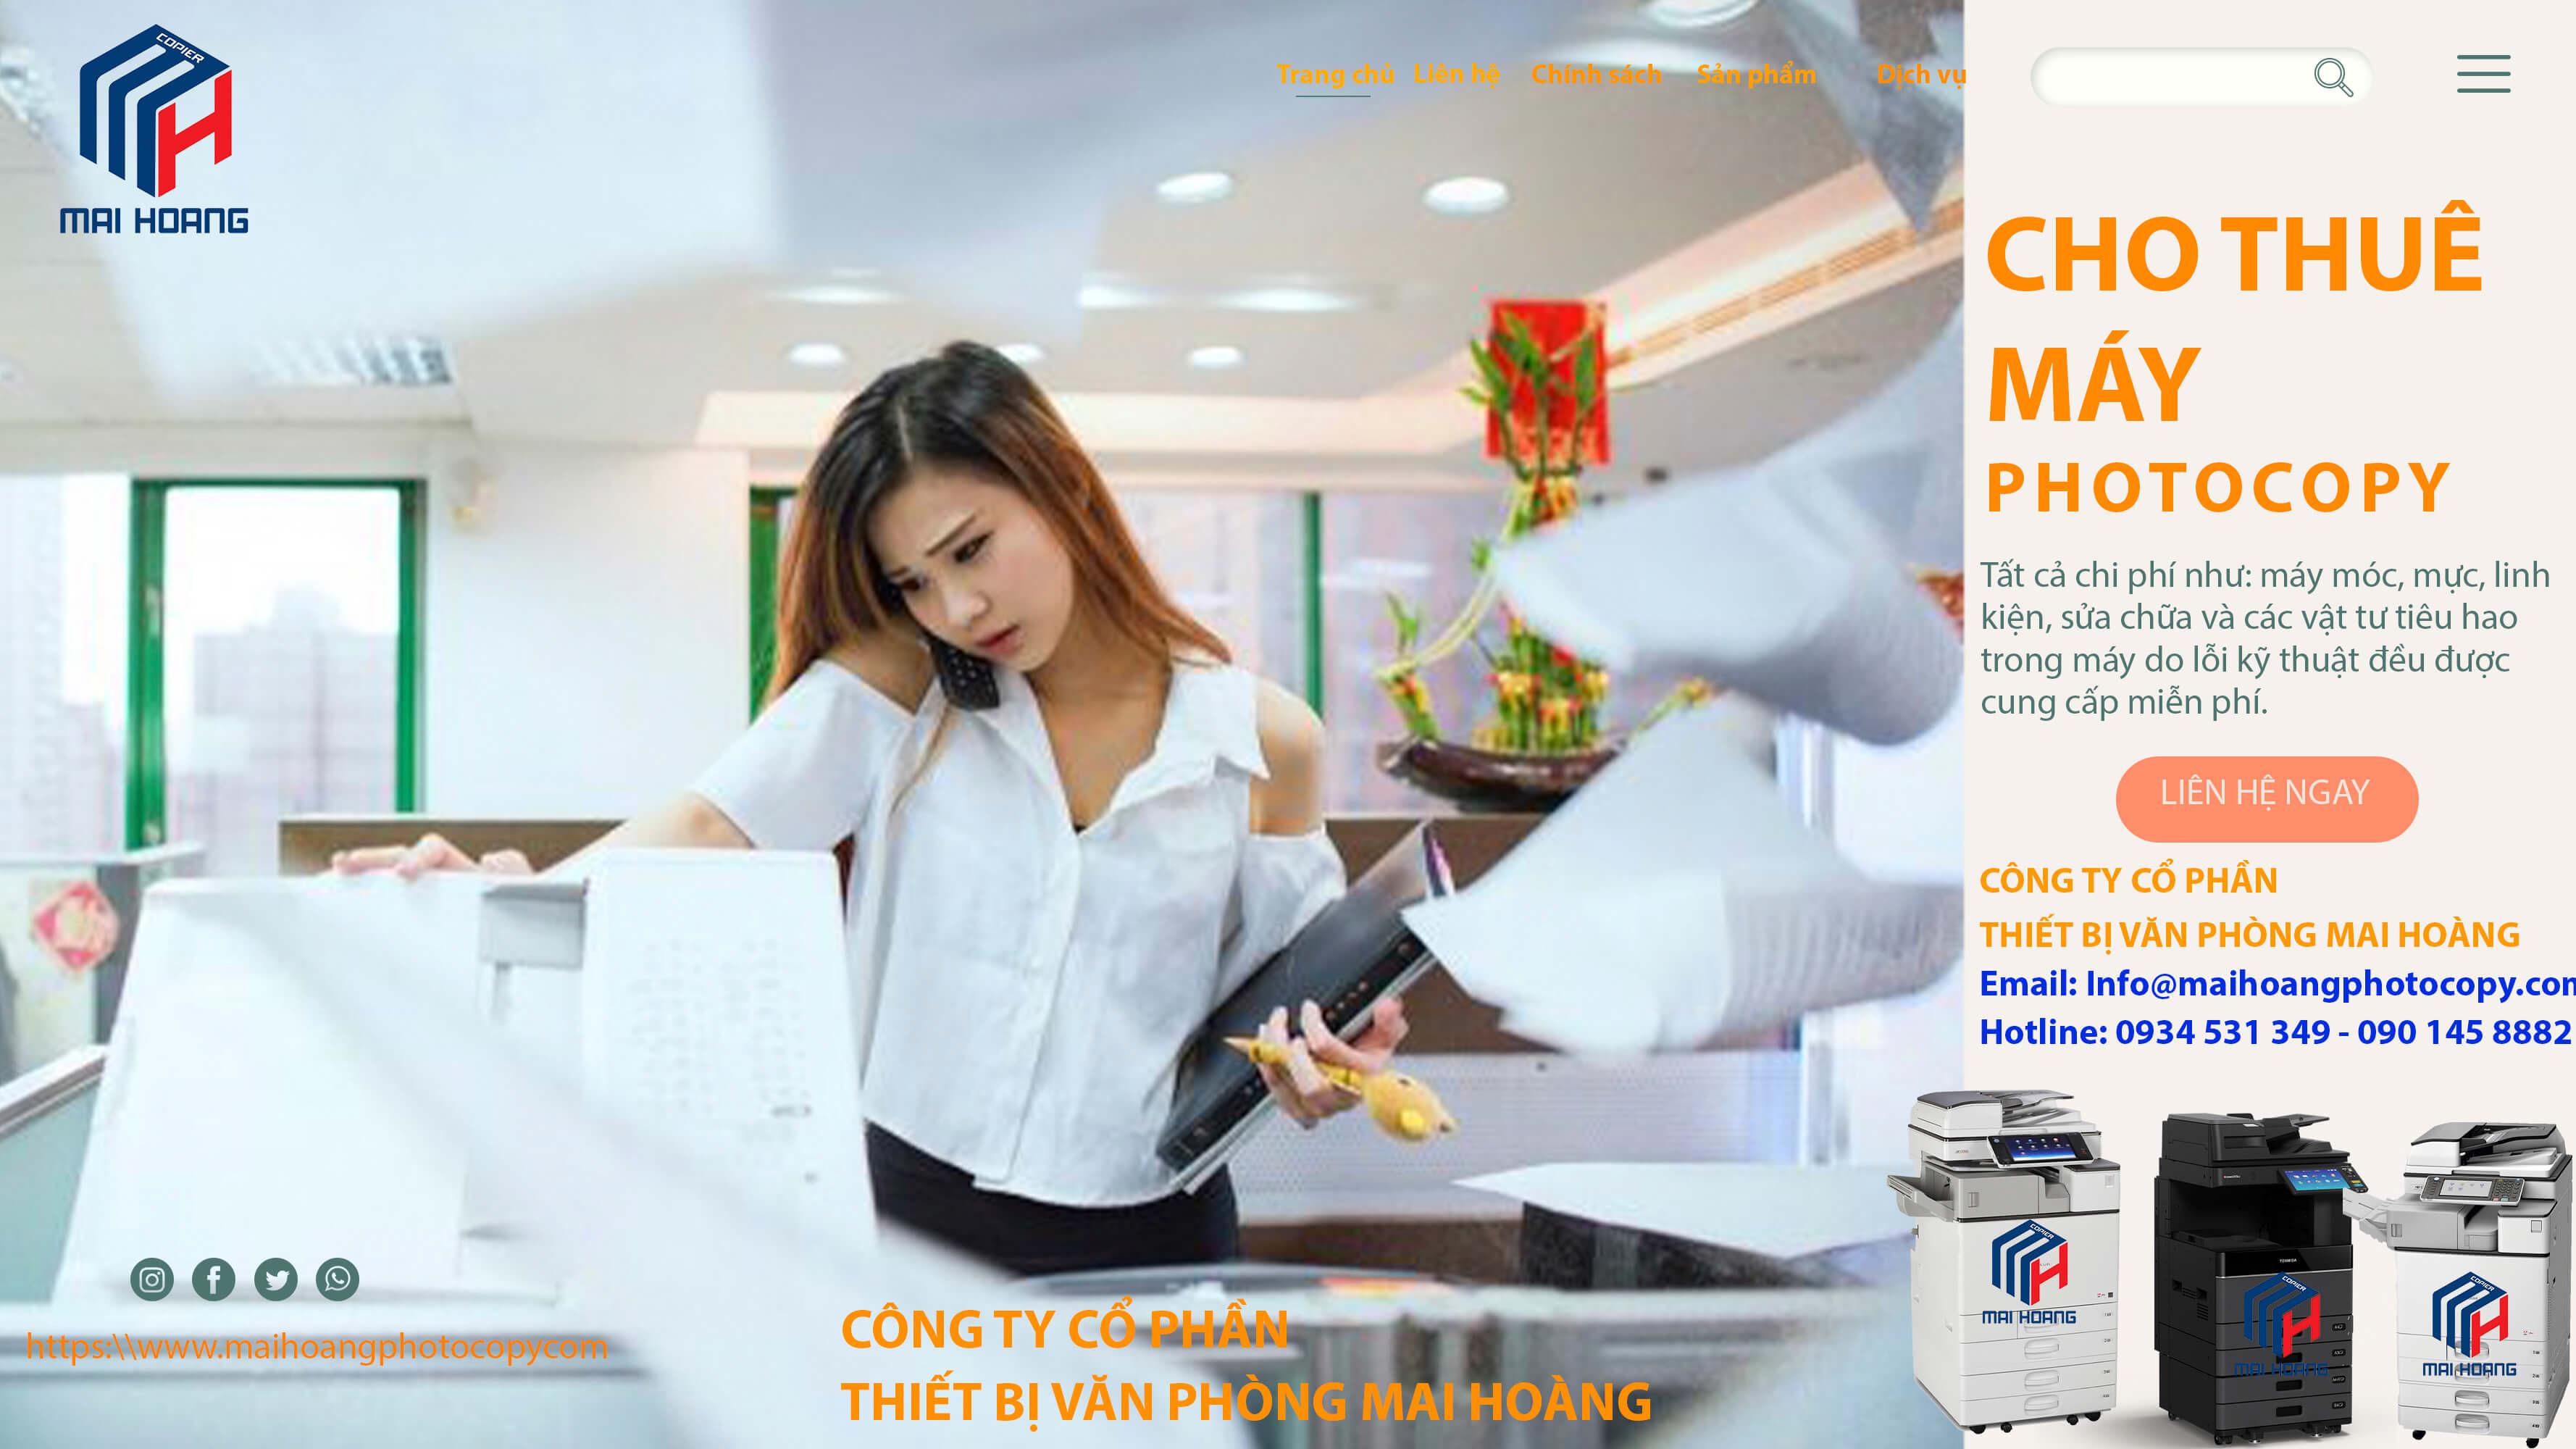 dịch vụ cho thuê máy photocopy quận 4